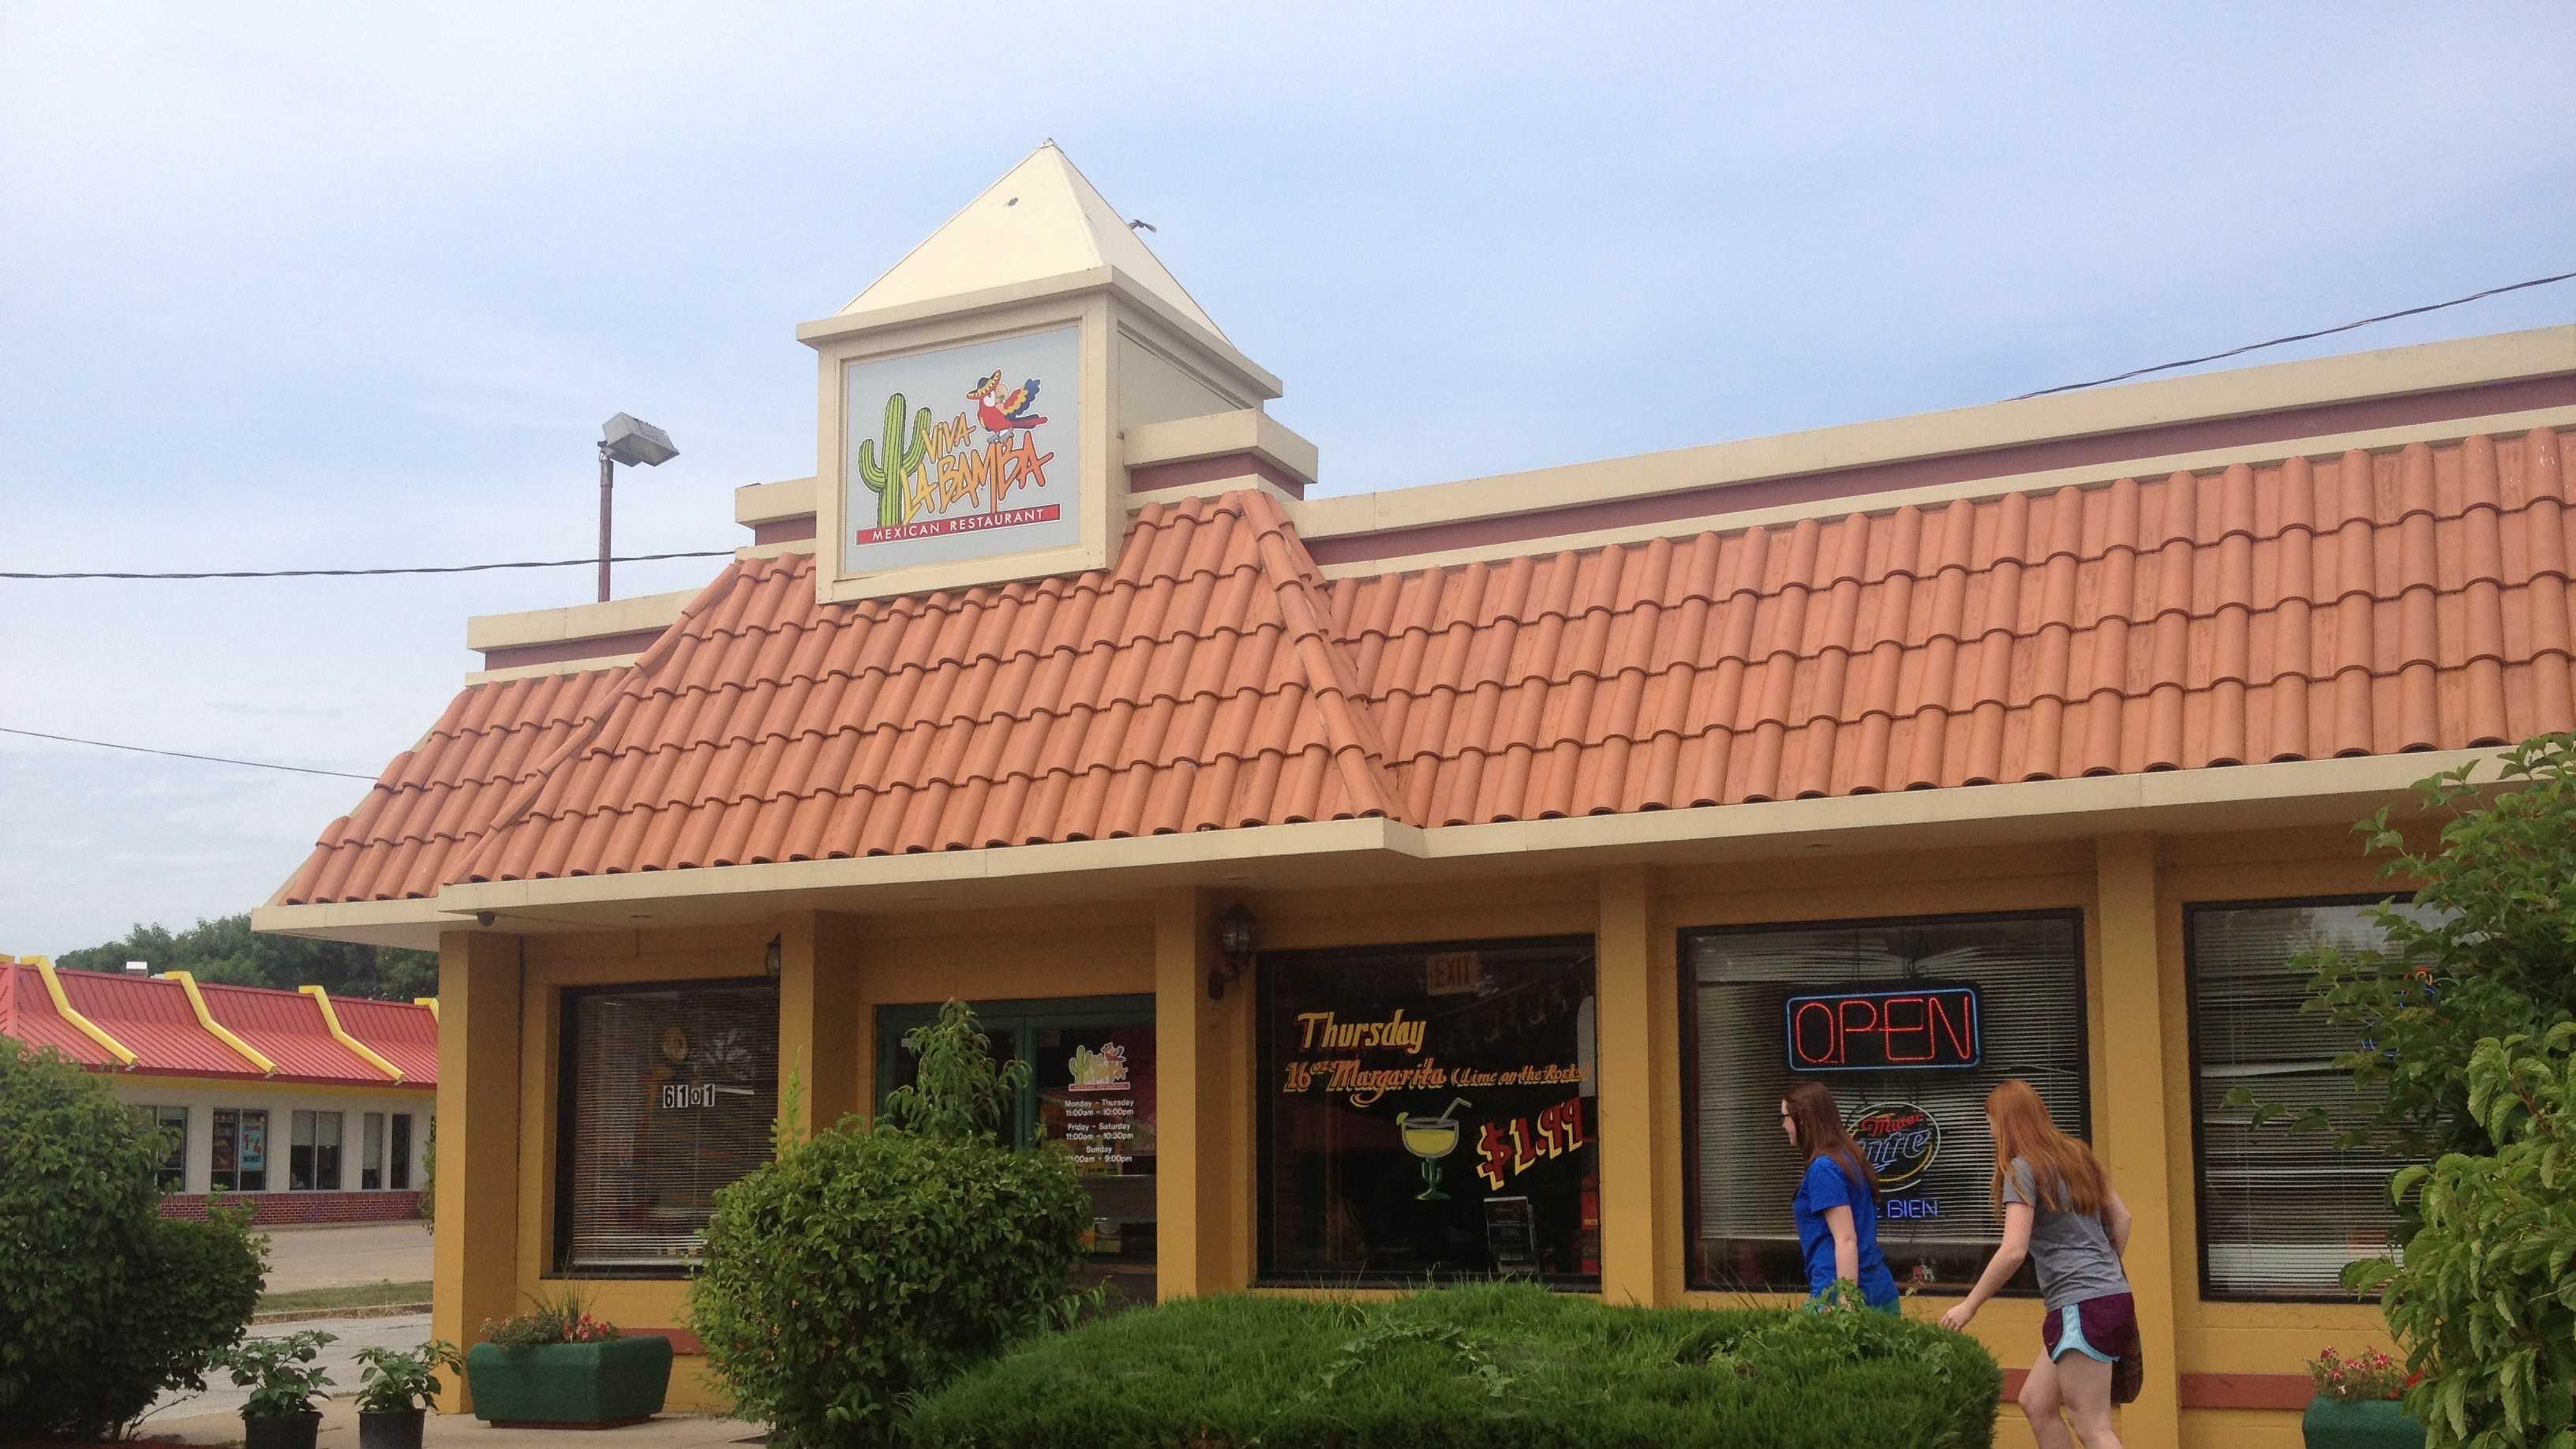 Viva restaurant name change